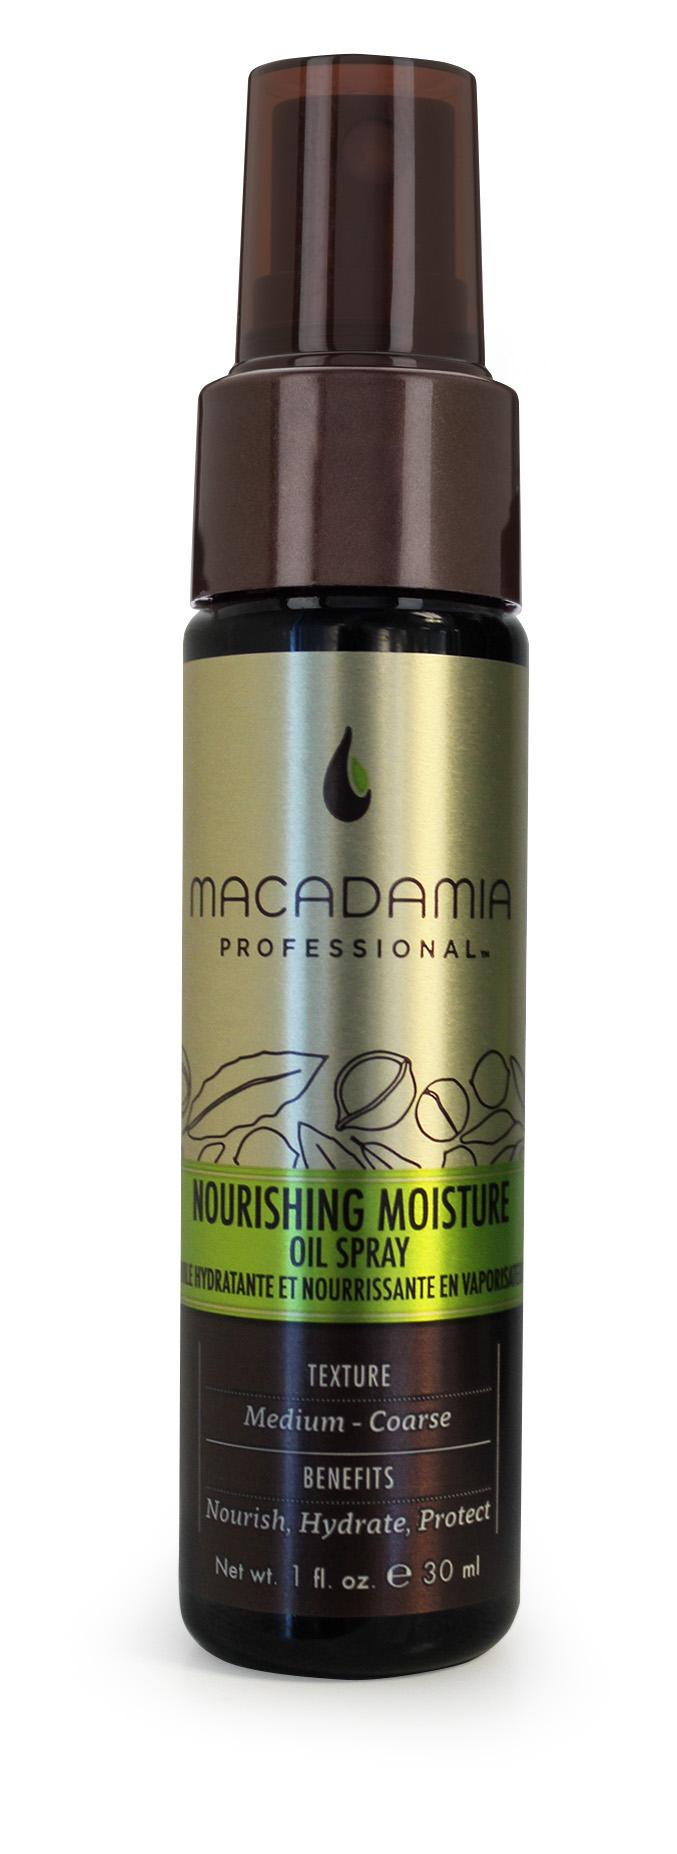 Macadamia Professional Уход масло-спрей увлажняющий, 30 мл400201Невесомый уход Macadamia Professional в виде спрея c ультратонким распылением содержит эксклюзивный Pro Oil Complex, мгновенно впитывается в волосы, защищает их, придает мягкость и блеск. Витамин Е увлажняет и обеспечивает длительную гладкость, предохраняет волосы от спутывания, устраняя эффект пушистости.Обеспечивает натуральную УФ-защиту и сохранение цвета окрашенных волос.